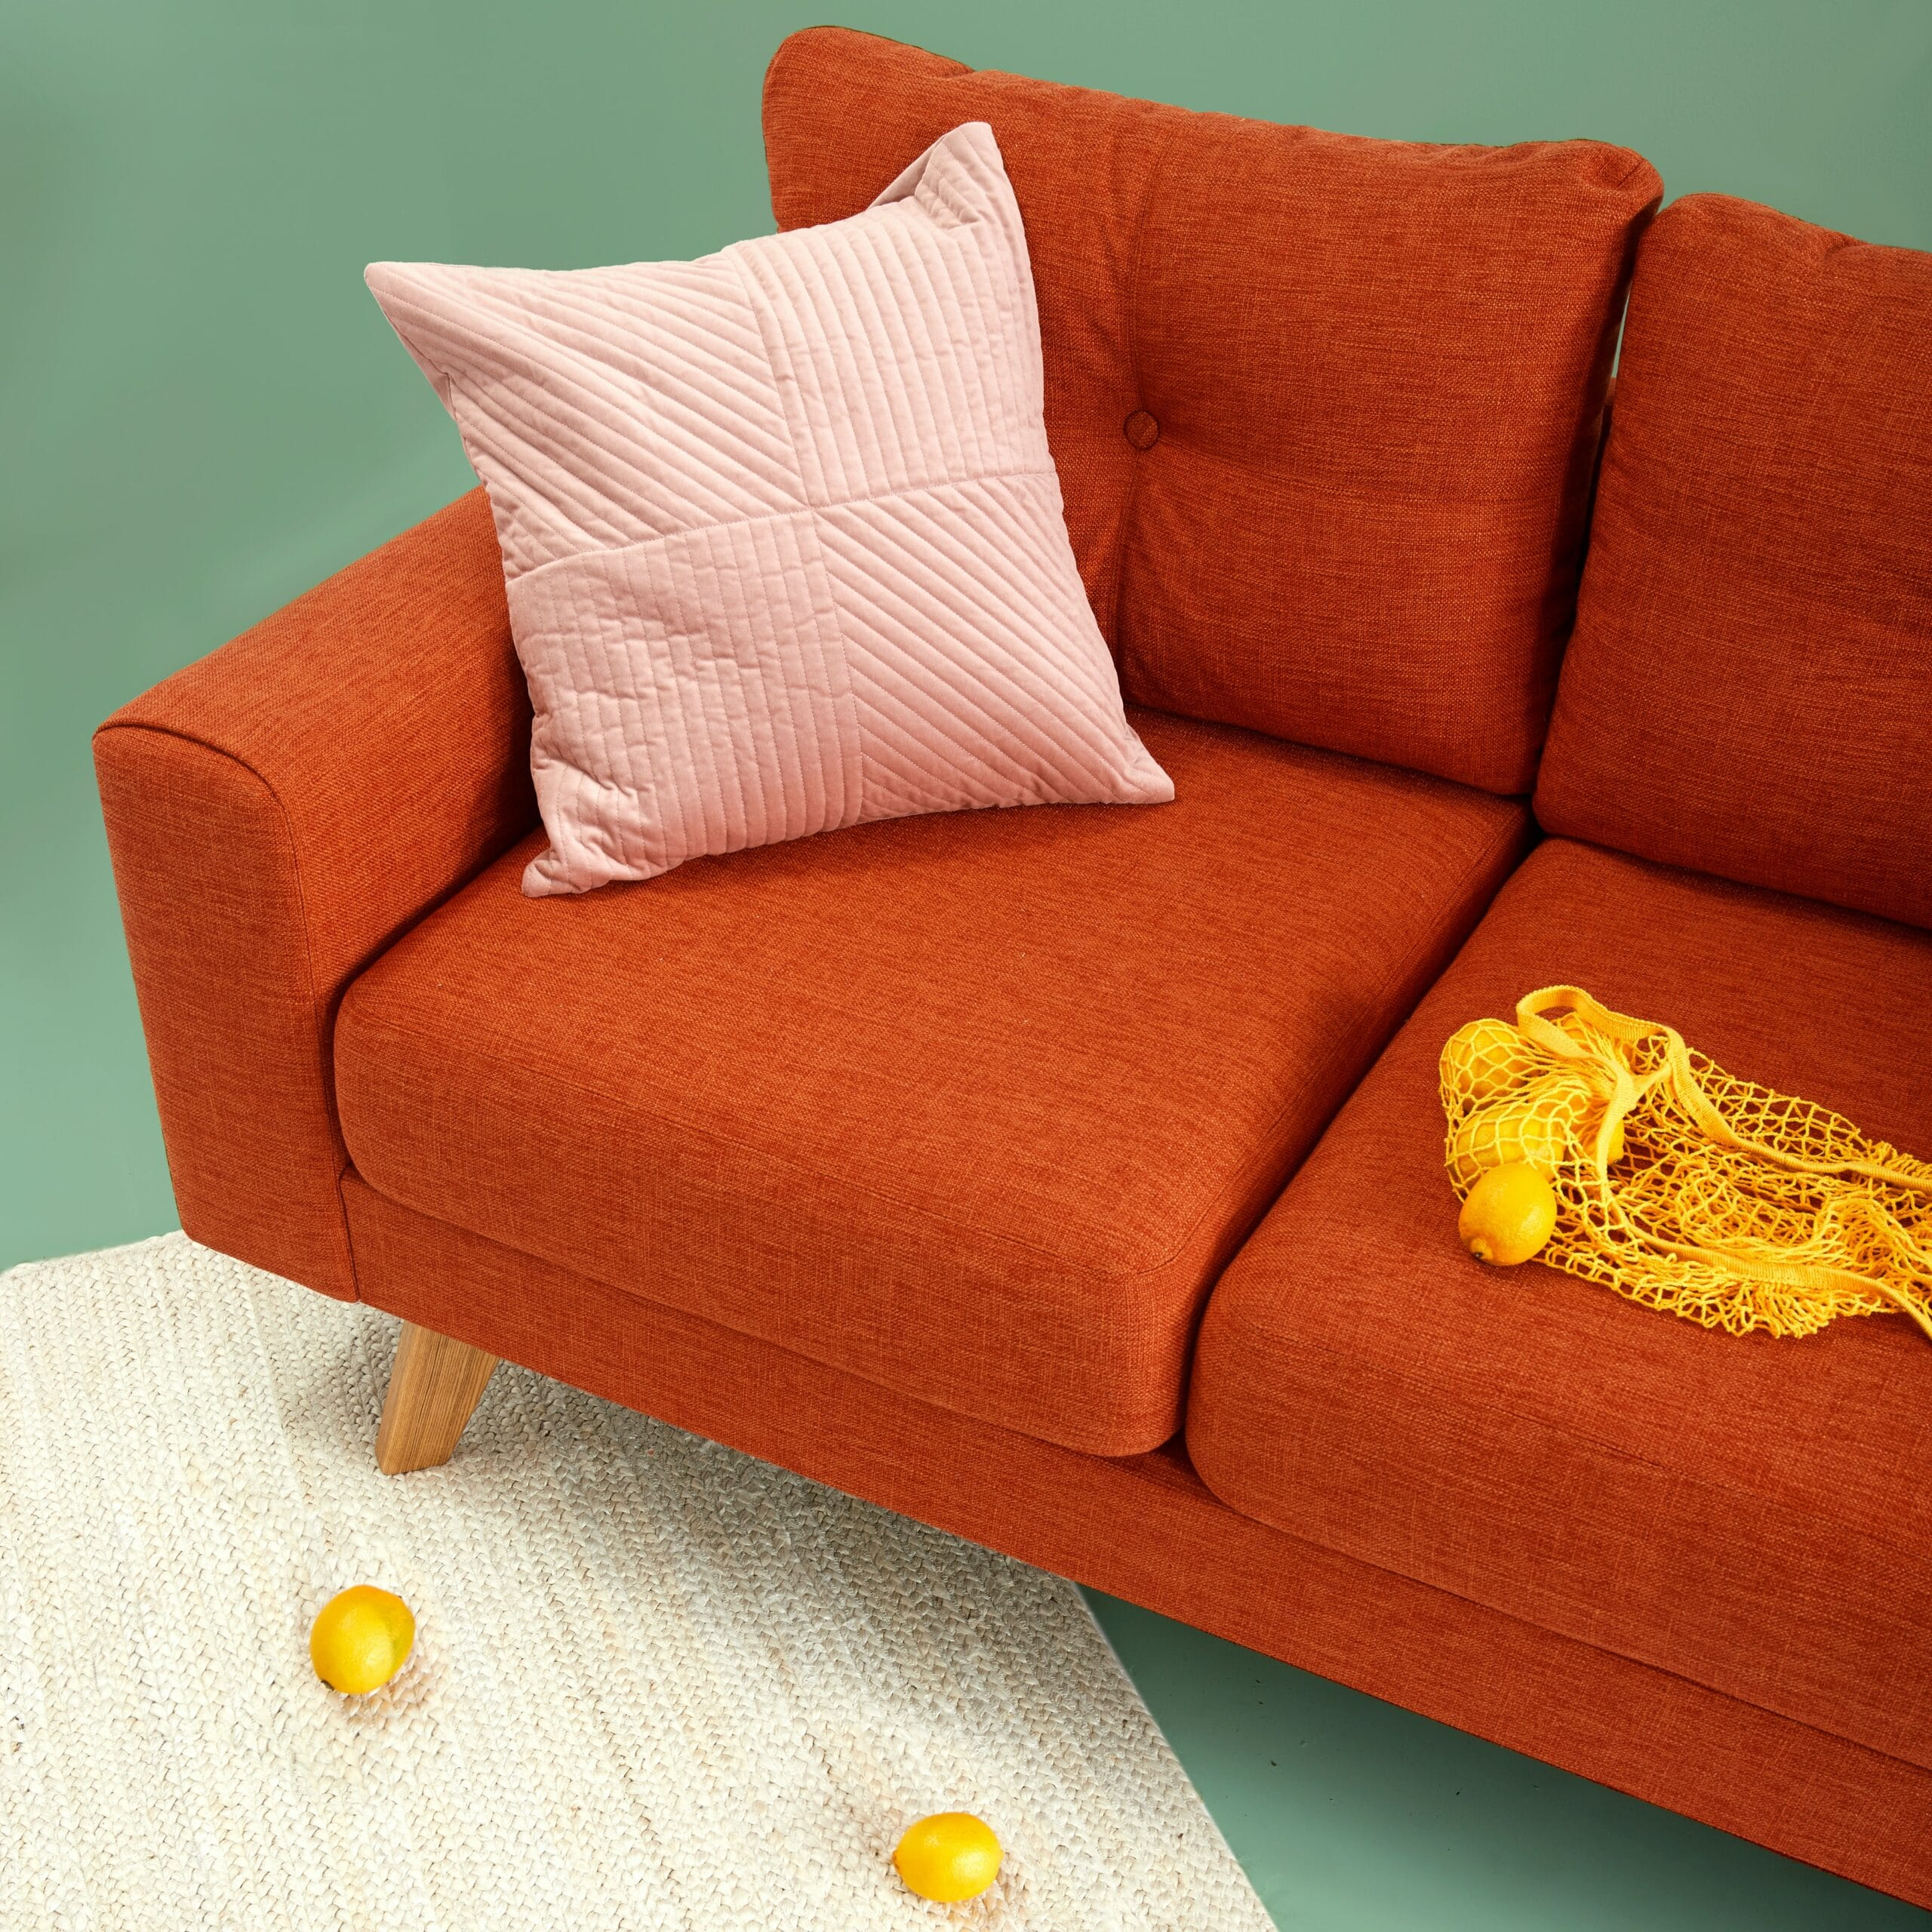 Limpeza de sofá: como mantê-lo sempre limpo e livre de pragas